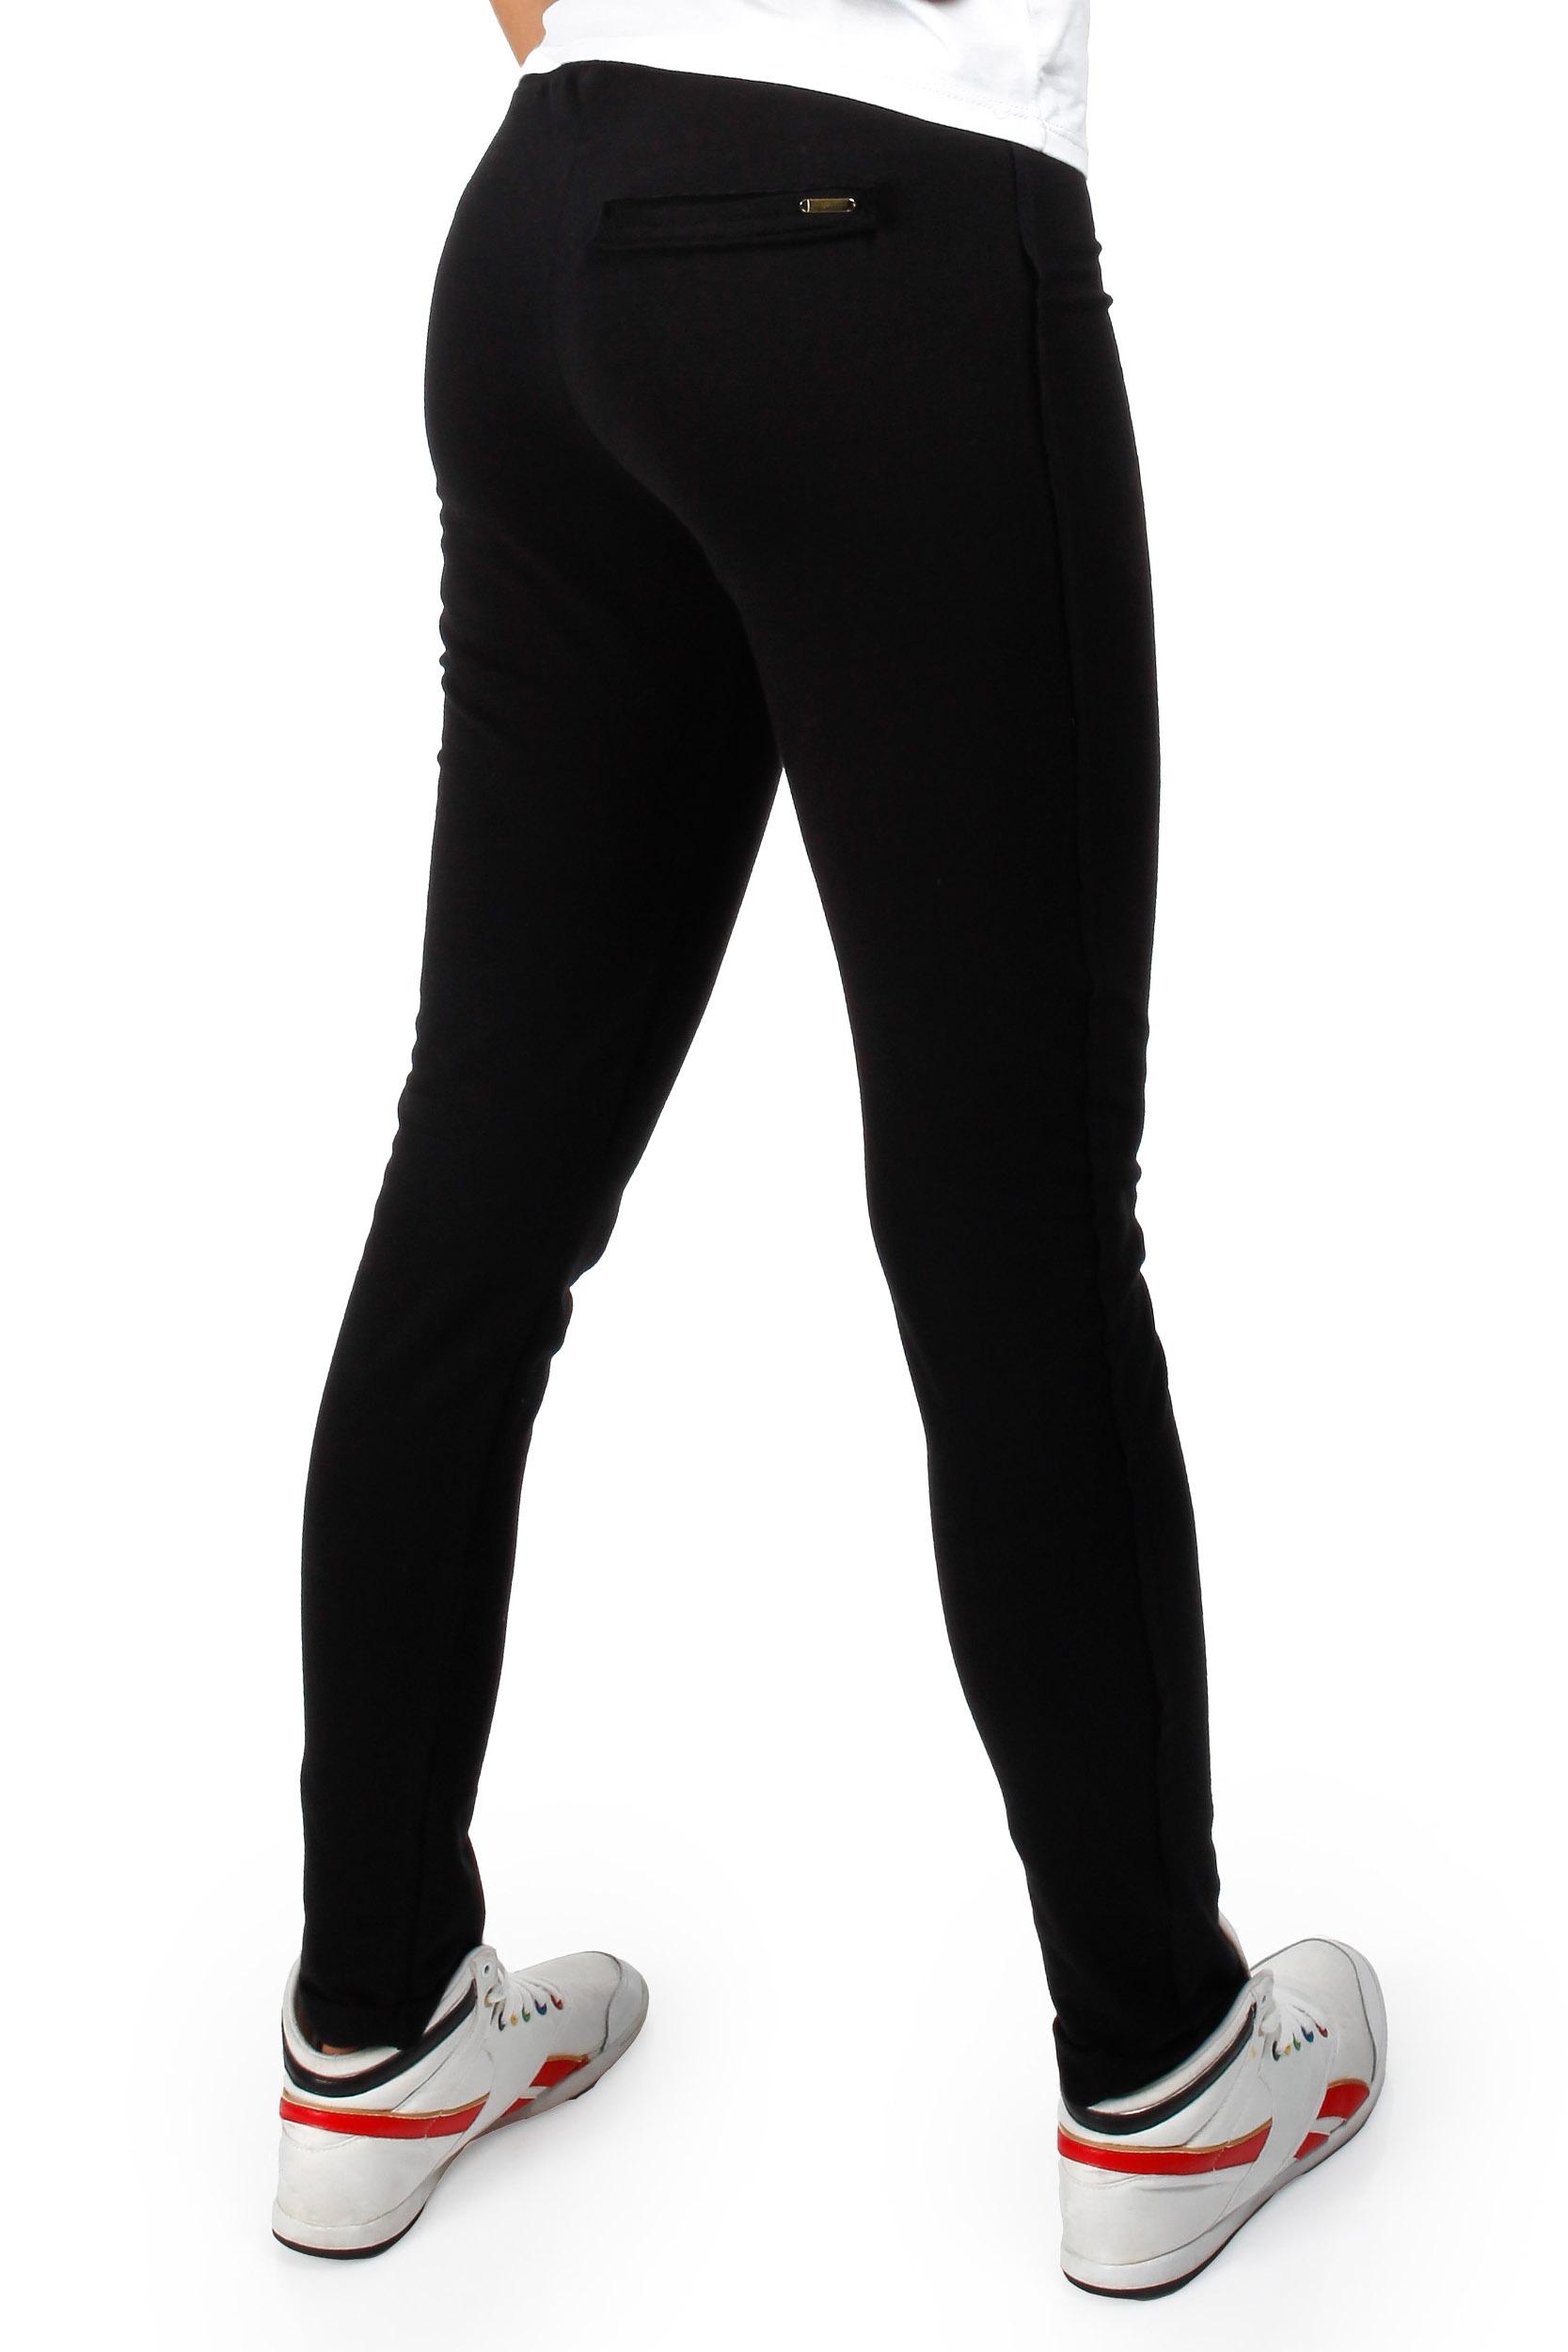 Pantaloni de trening model 23518 Moe